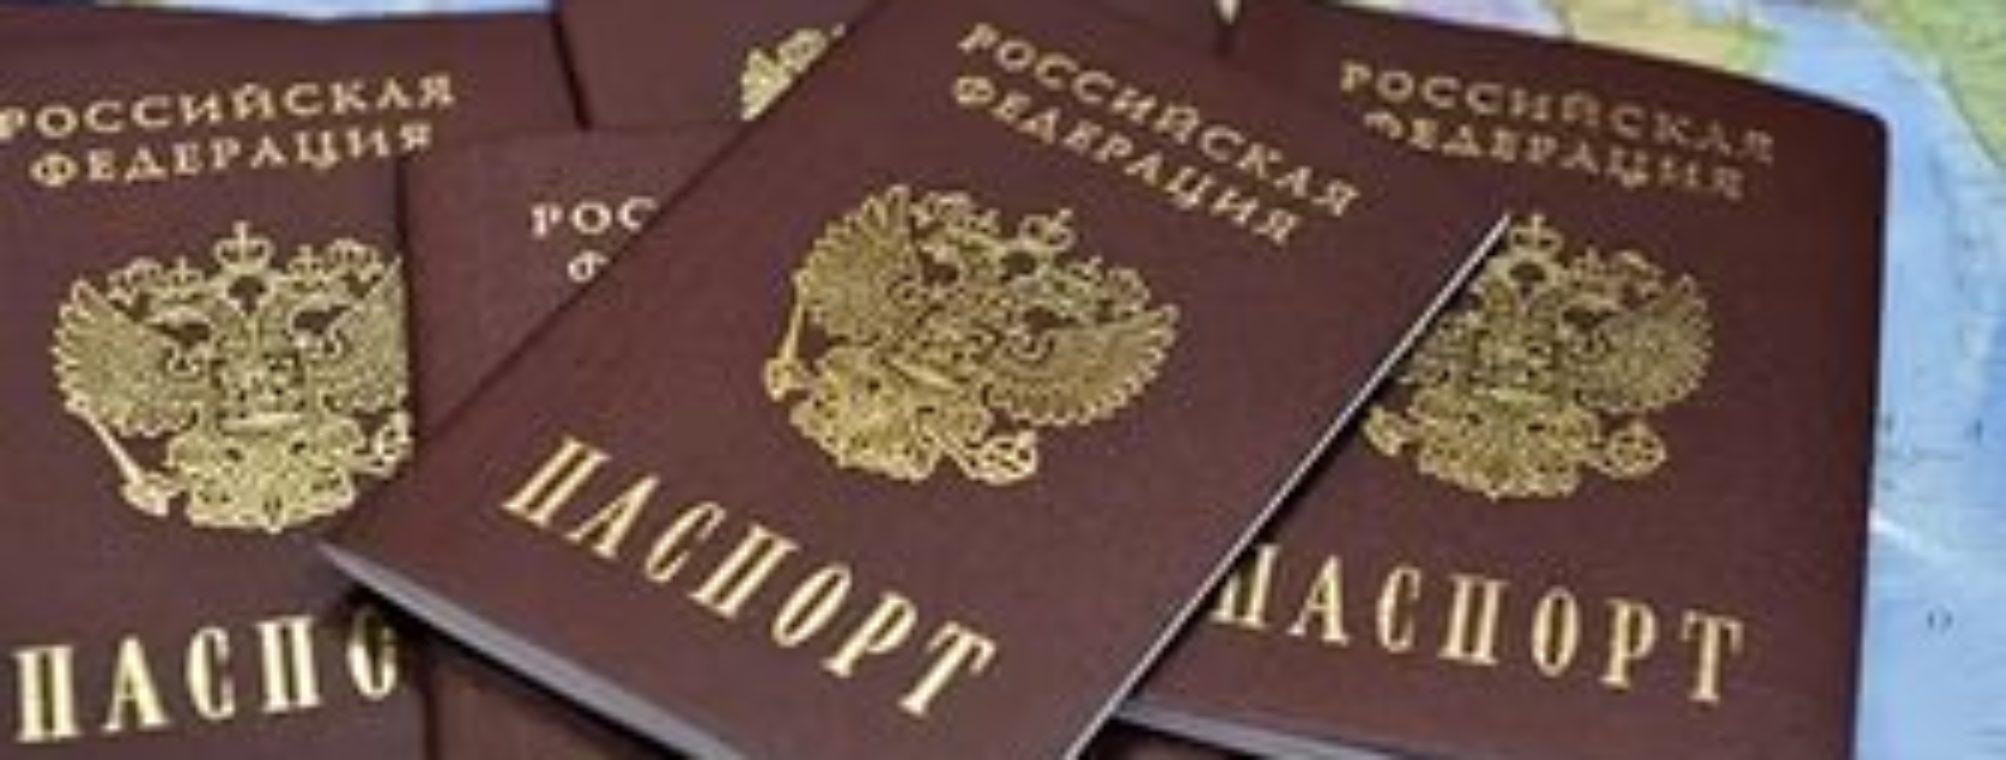 Как получить рассийское гражданство если человек без гражданства